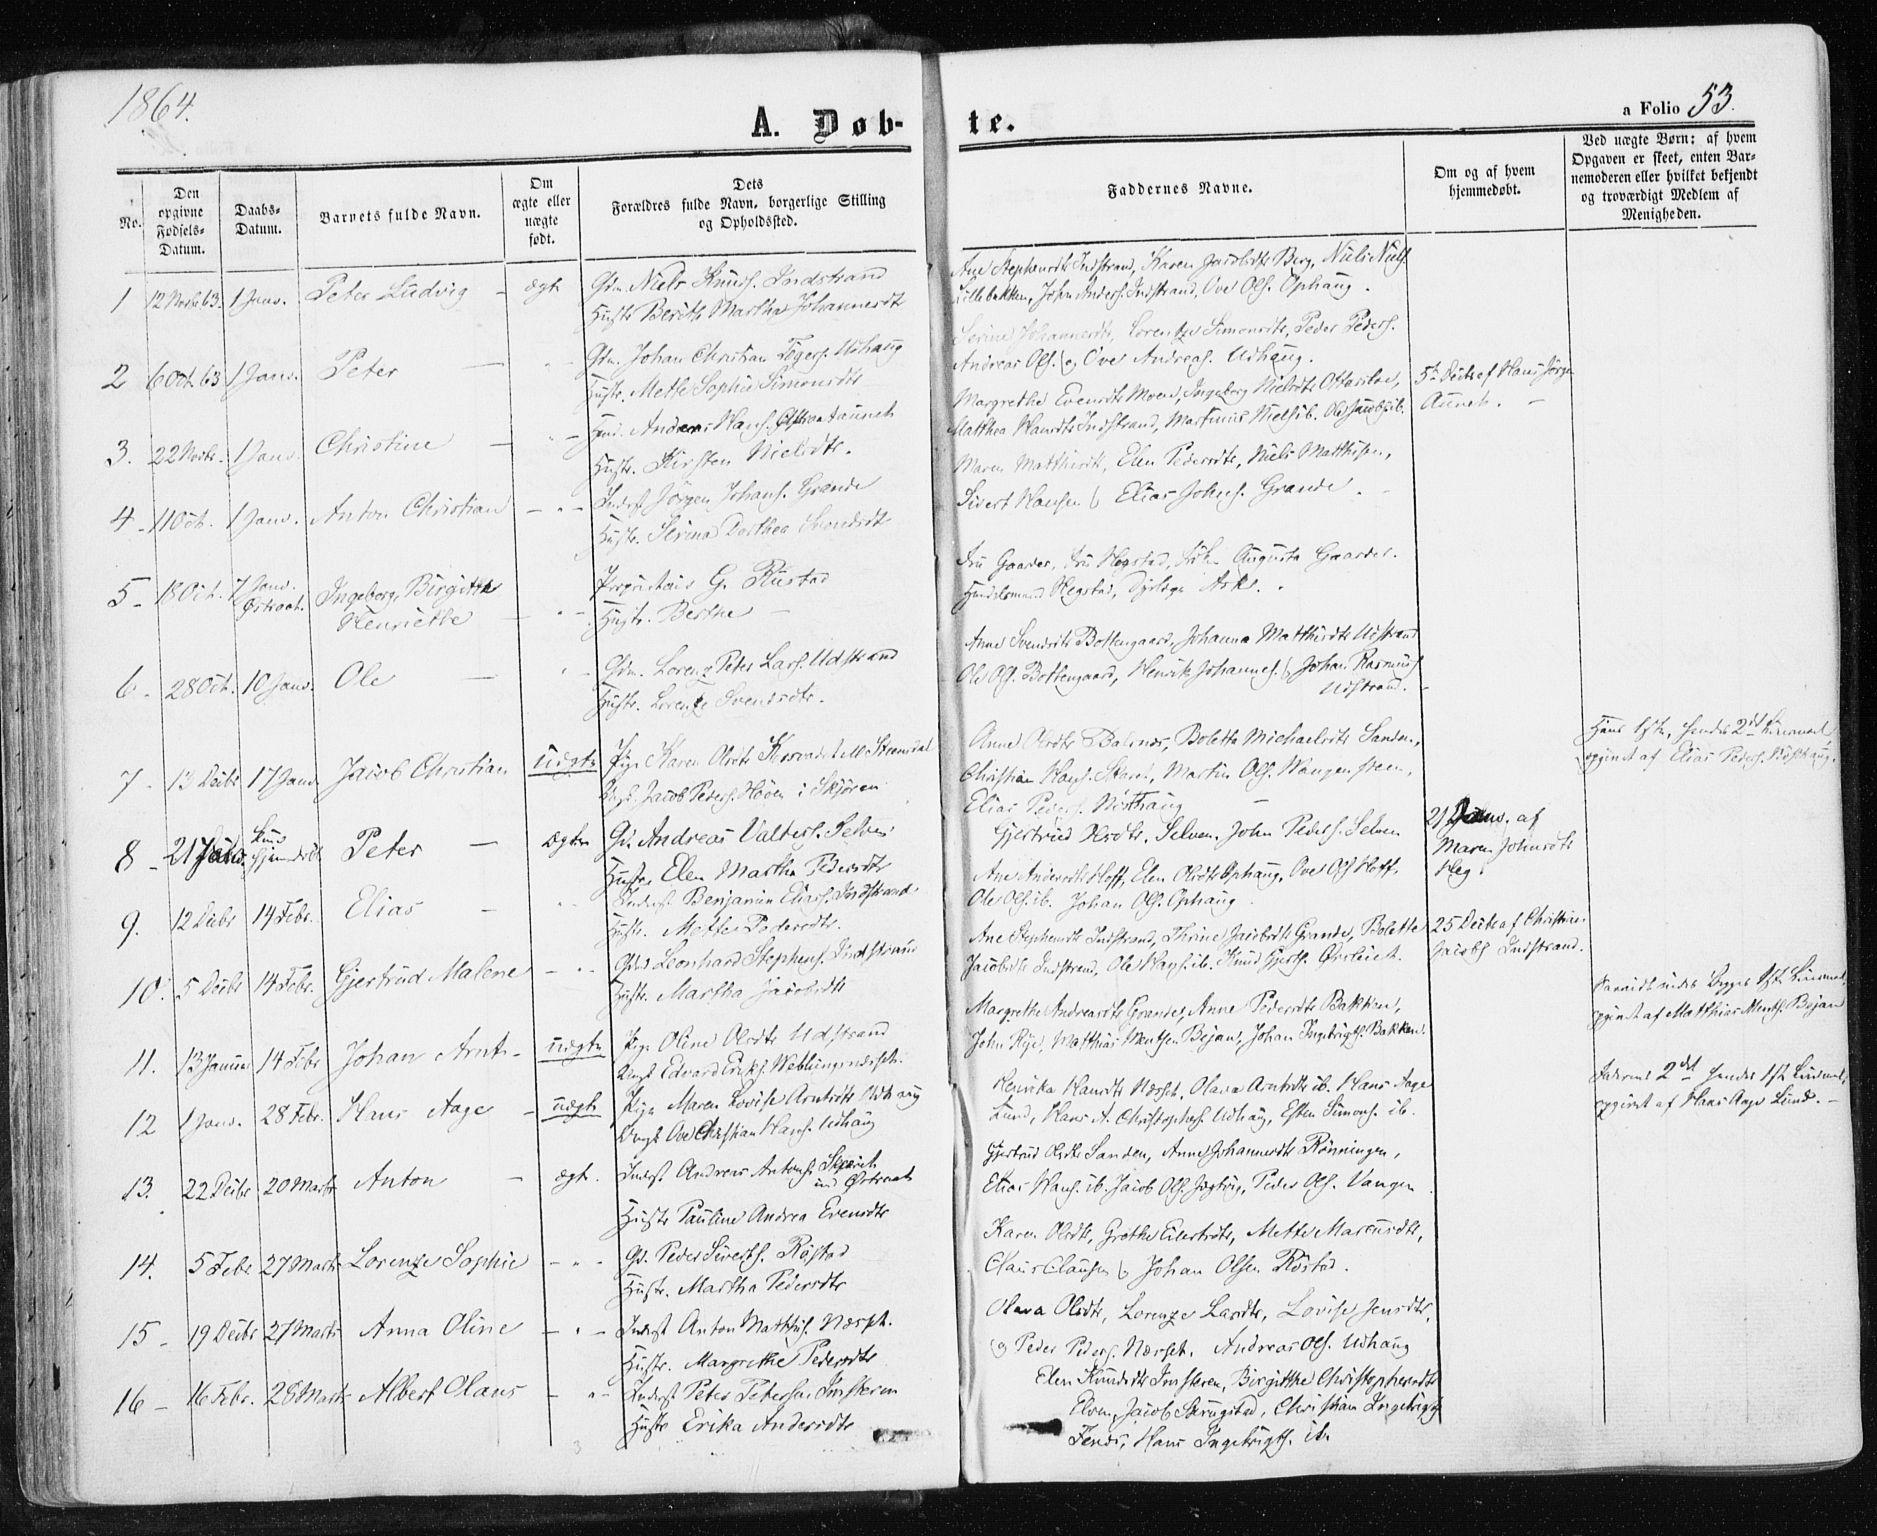 SAT, Ministerialprotokoller, klokkerbøker og fødselsregistre - Sør-Trøndelag, 659/L0737: Ministerialbok nr. 659A07, 1857-1875, s. 53